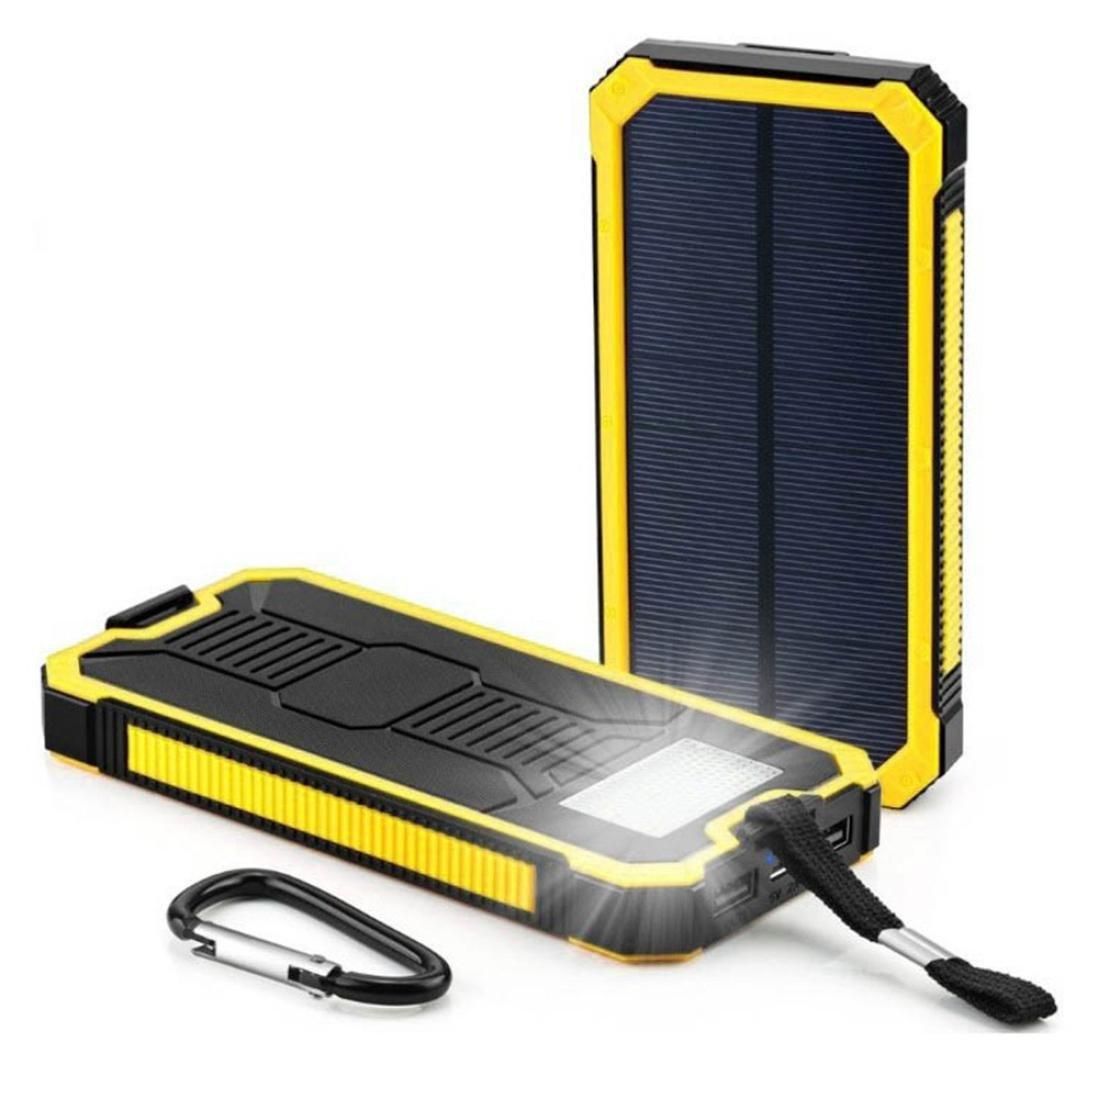 Mobile Power Pack Case, SinfuDIY Kits Box 12000mAh LED Dual USB Ports Solar Charger (D)